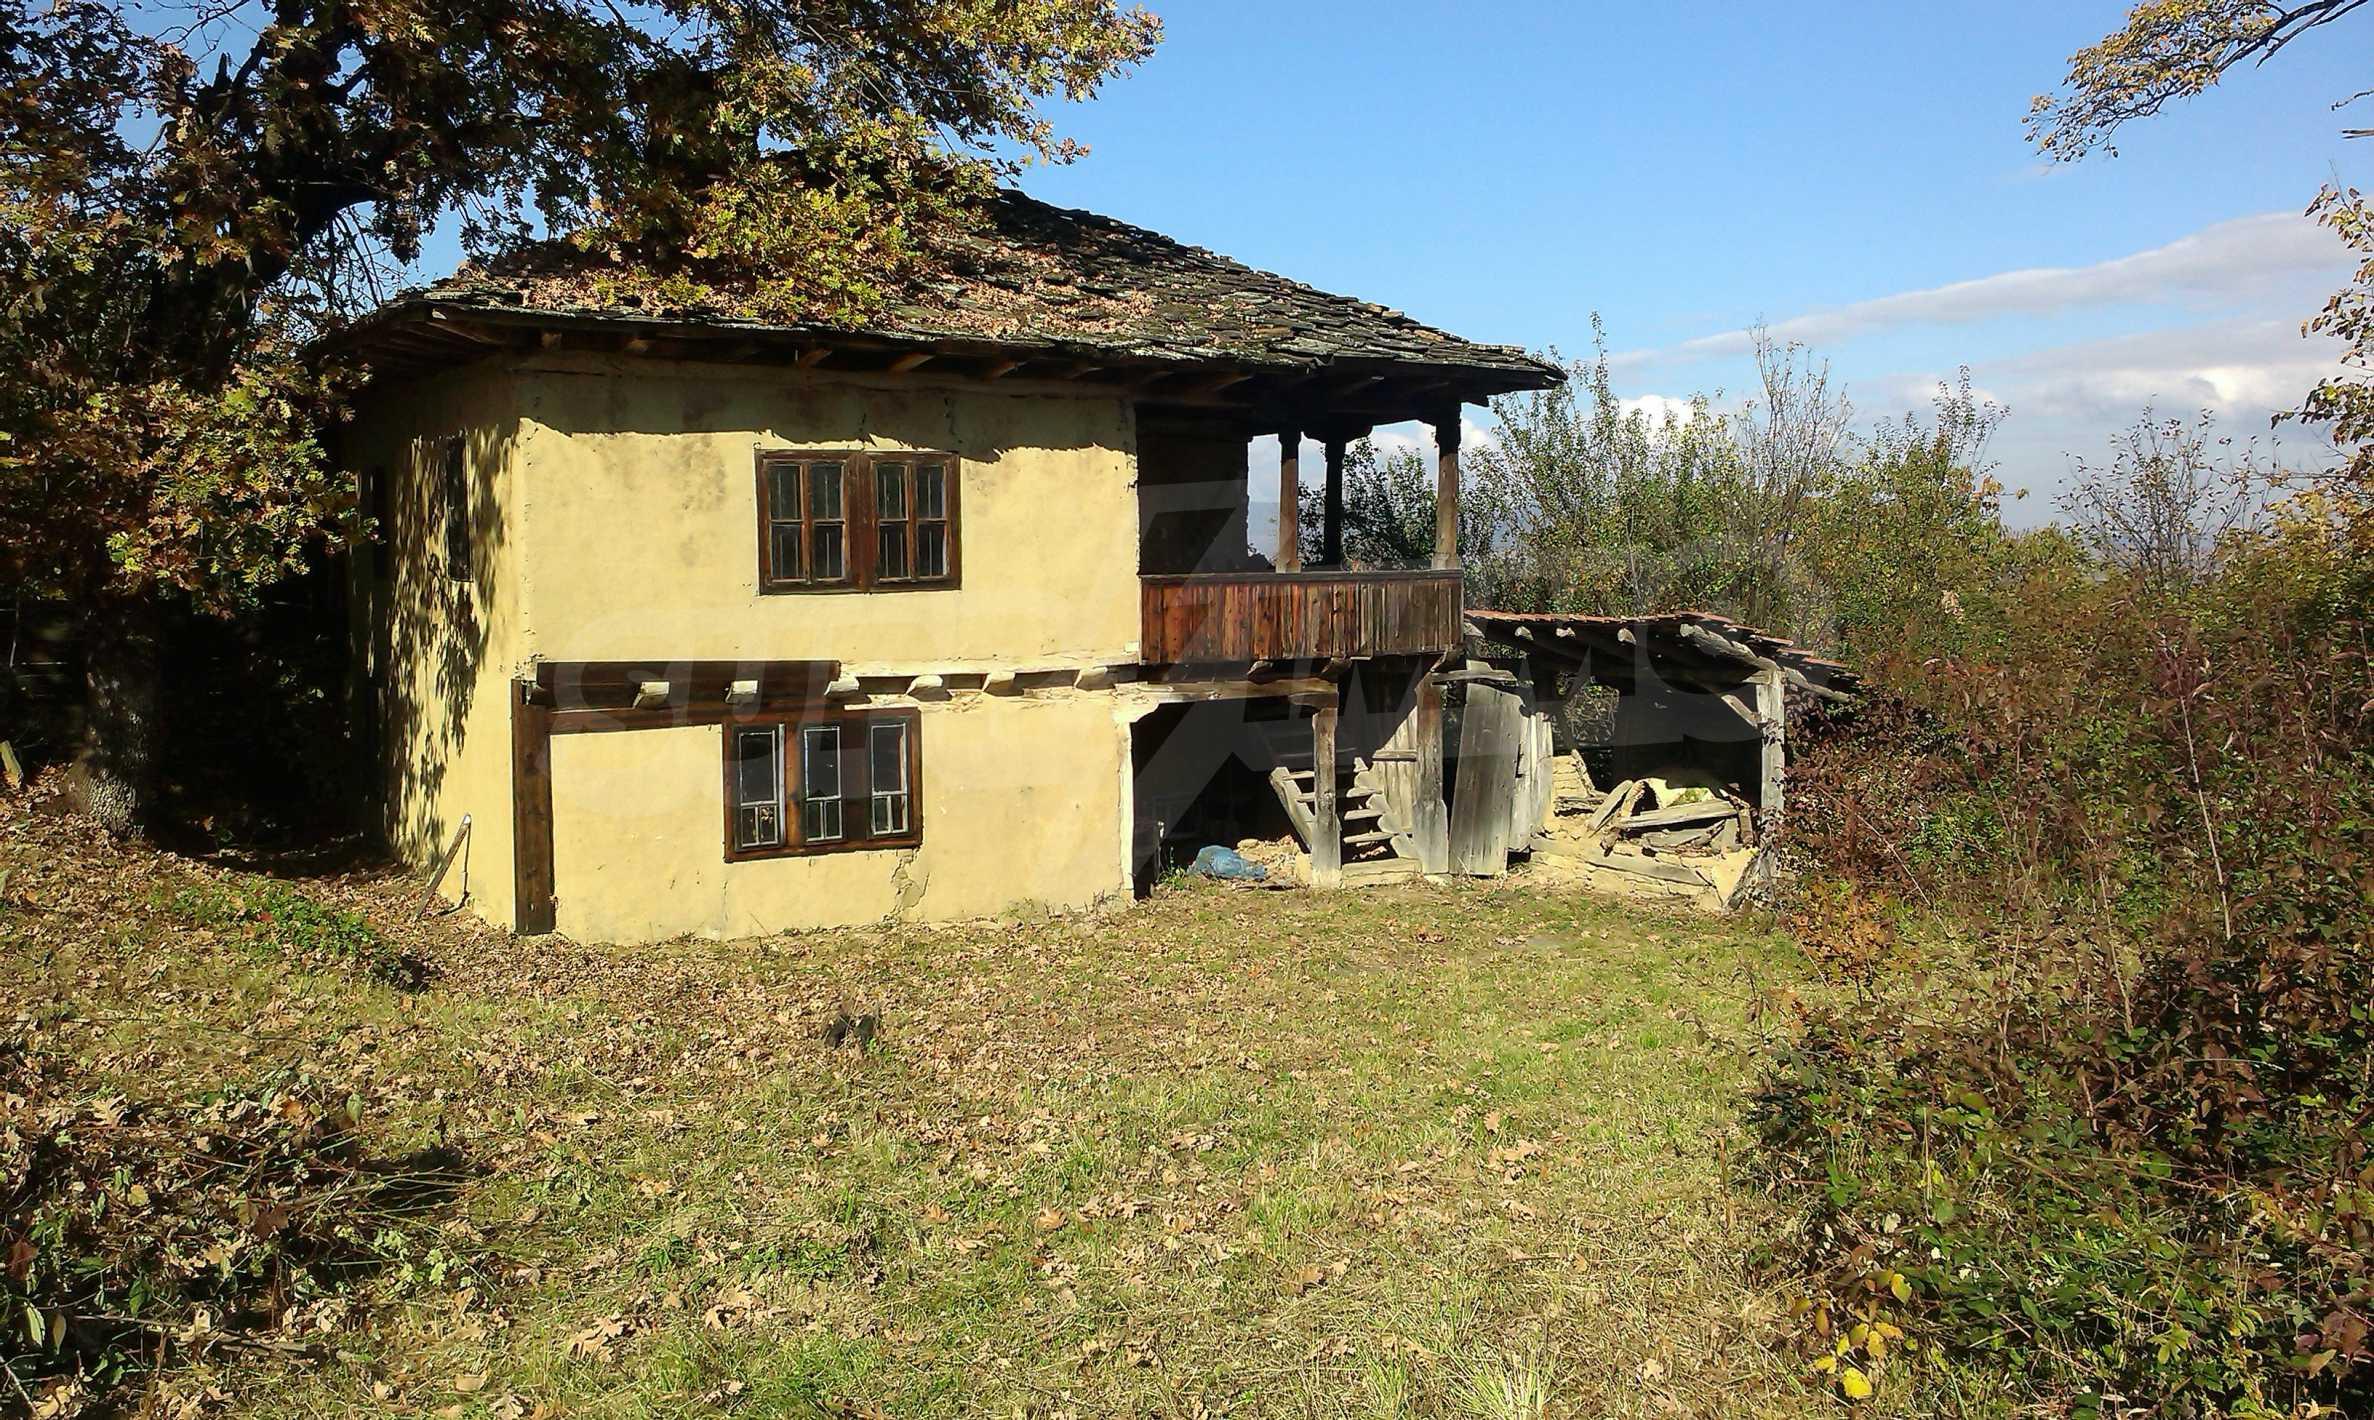 Двуетажна къща в красиво планинско село, до езеро 19